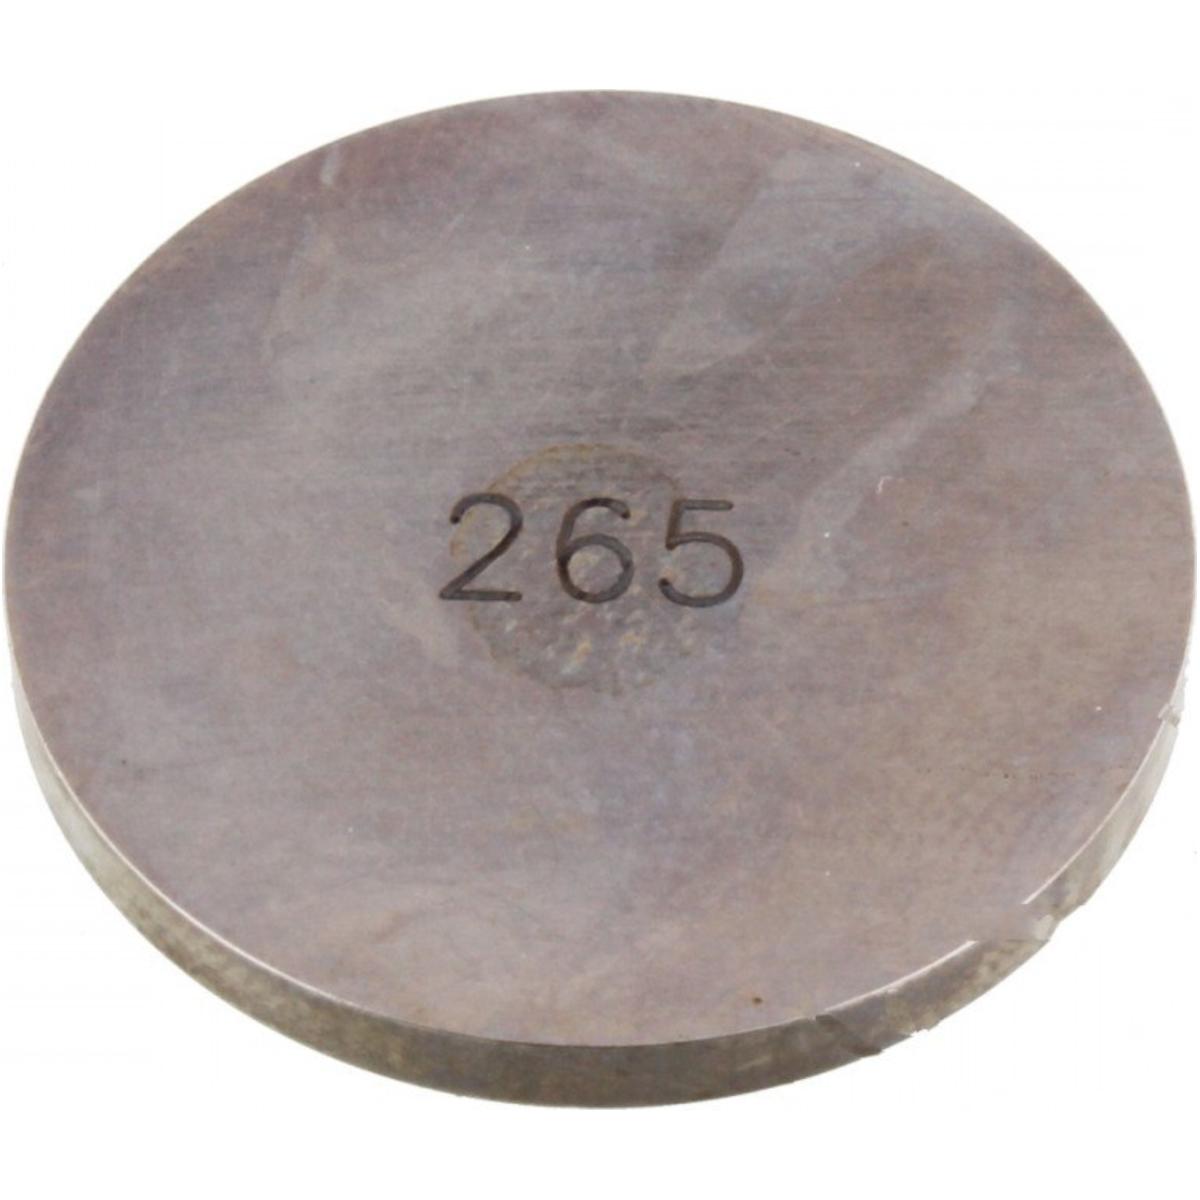 Valve shim 29 mm 2 65 BC48290265 - 3,42 EUR